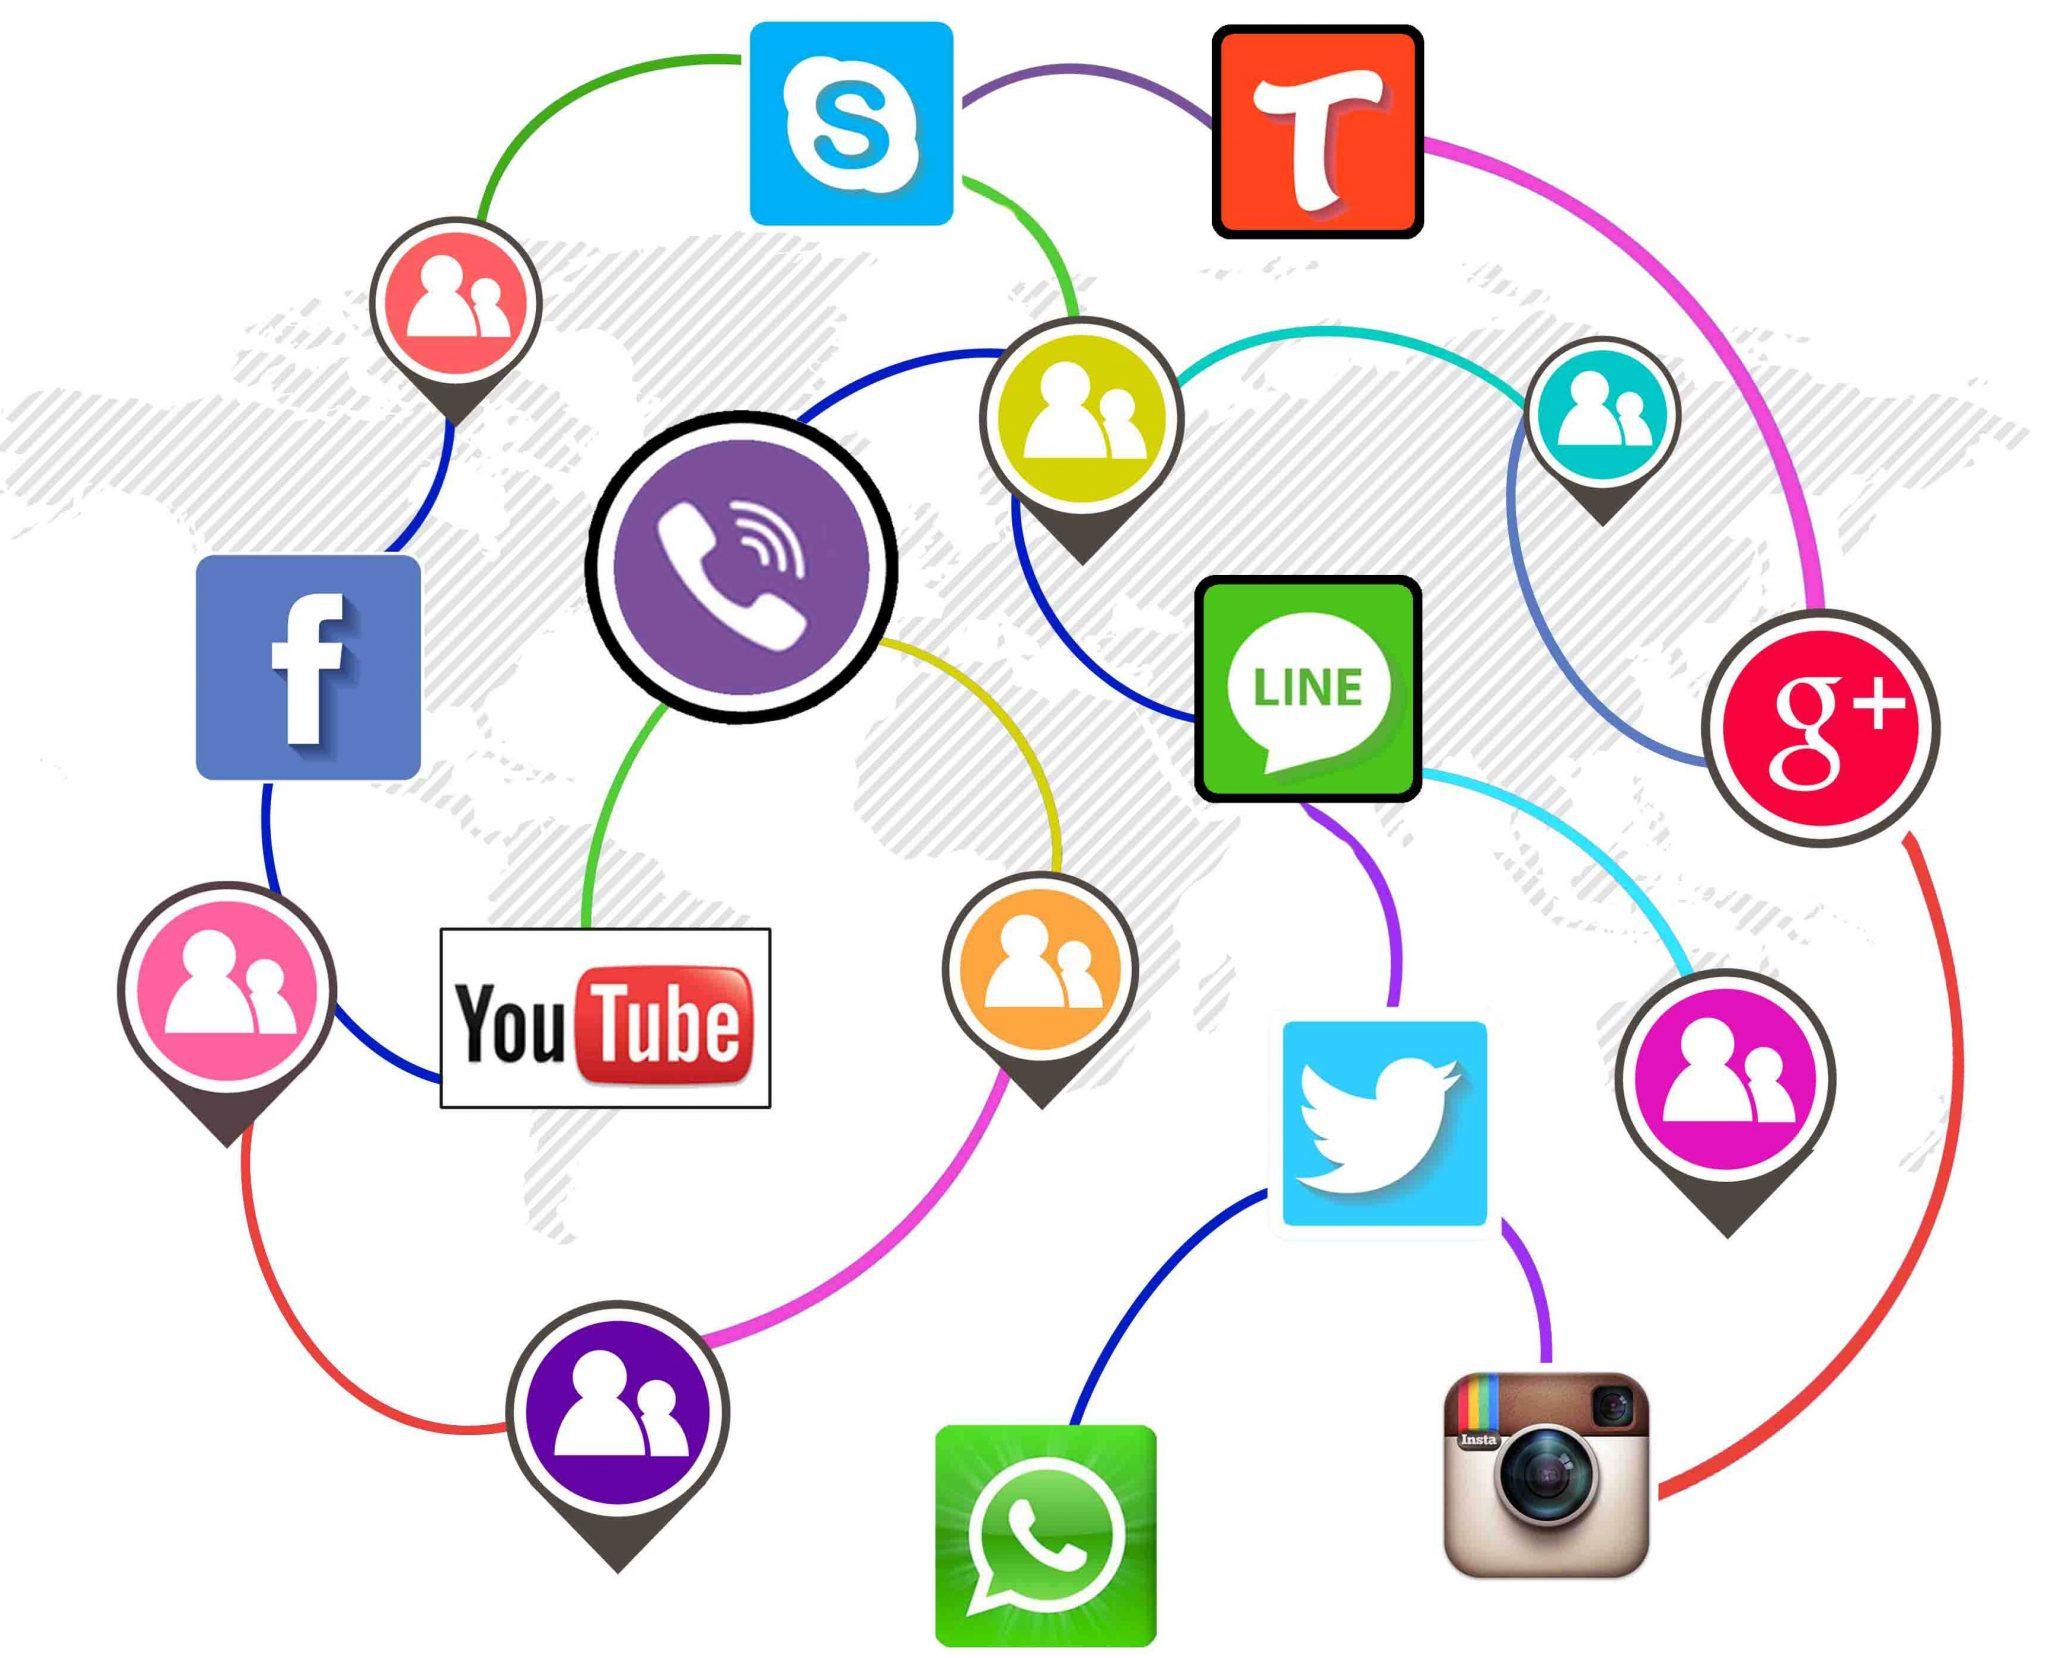 شبکههای اجتماعی عامل انزوای افراد جامعه-درست مصرف کنیم - آموزش همگانی - آگاهی مصرف